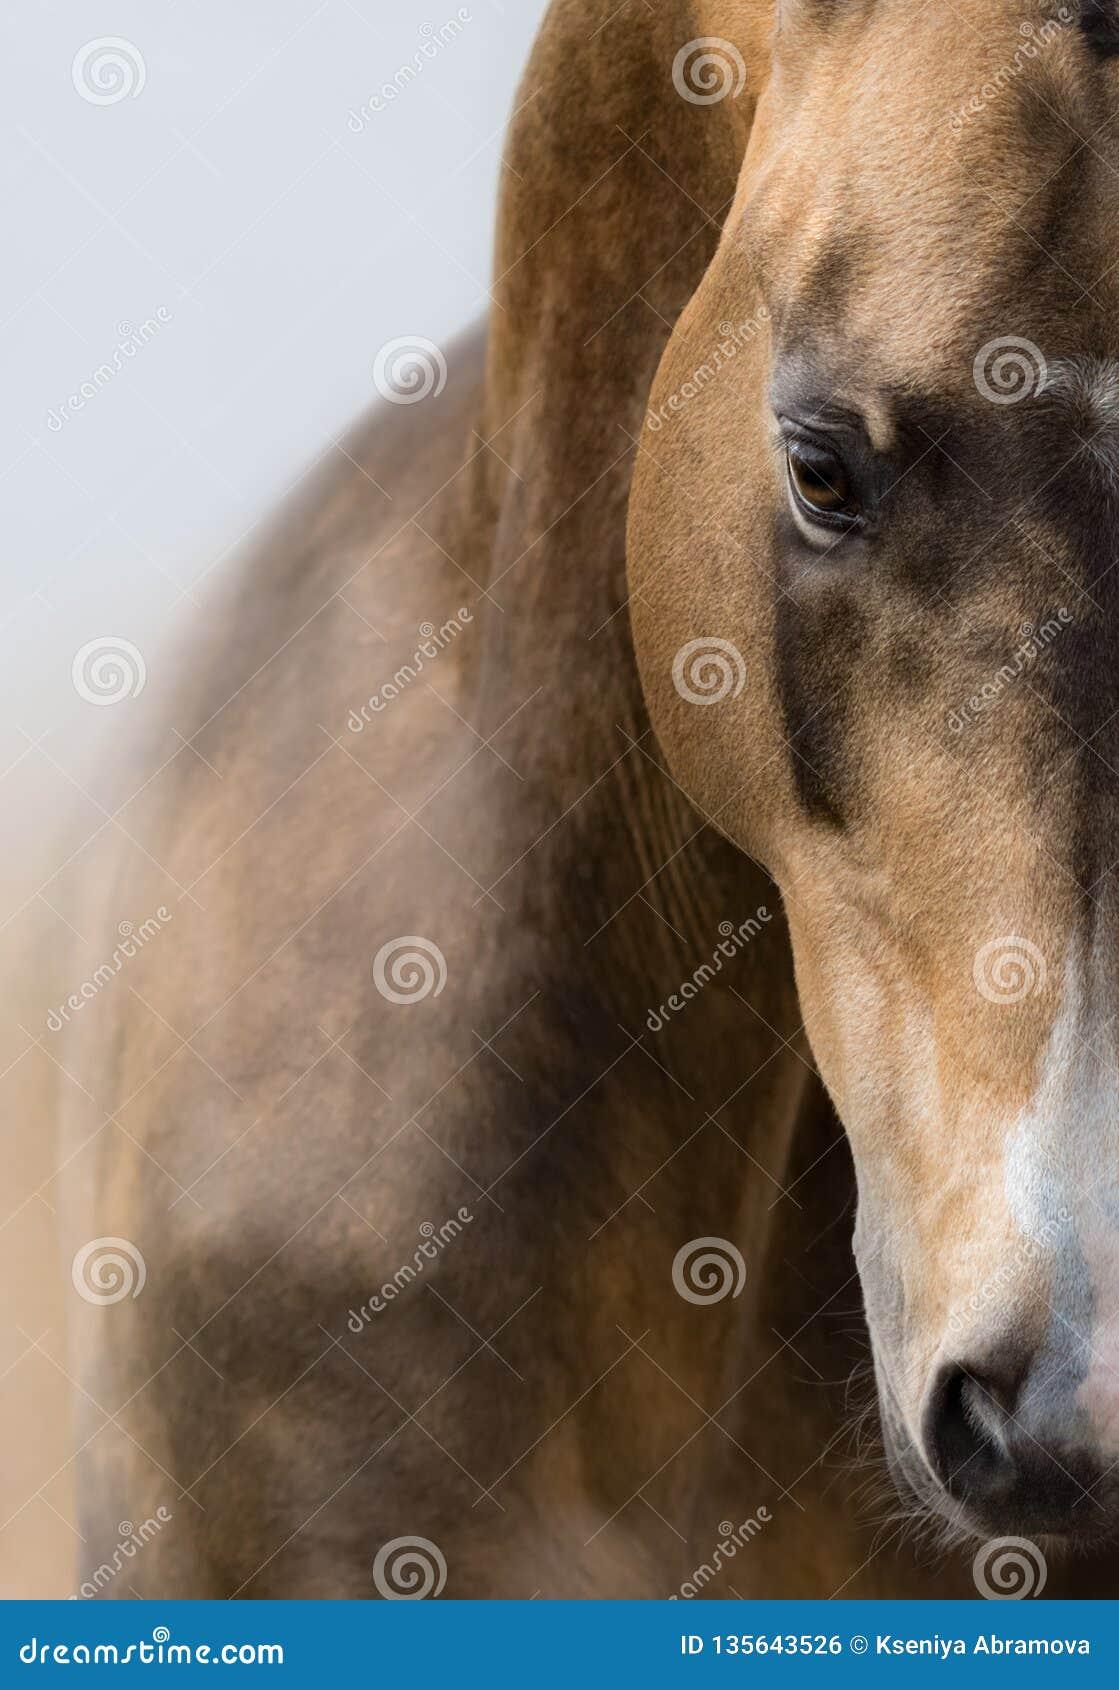 Κλείστε επάνω το πορτρέτο του χρυσού αλόγου δερμάτων ελαφιού Akhalteke